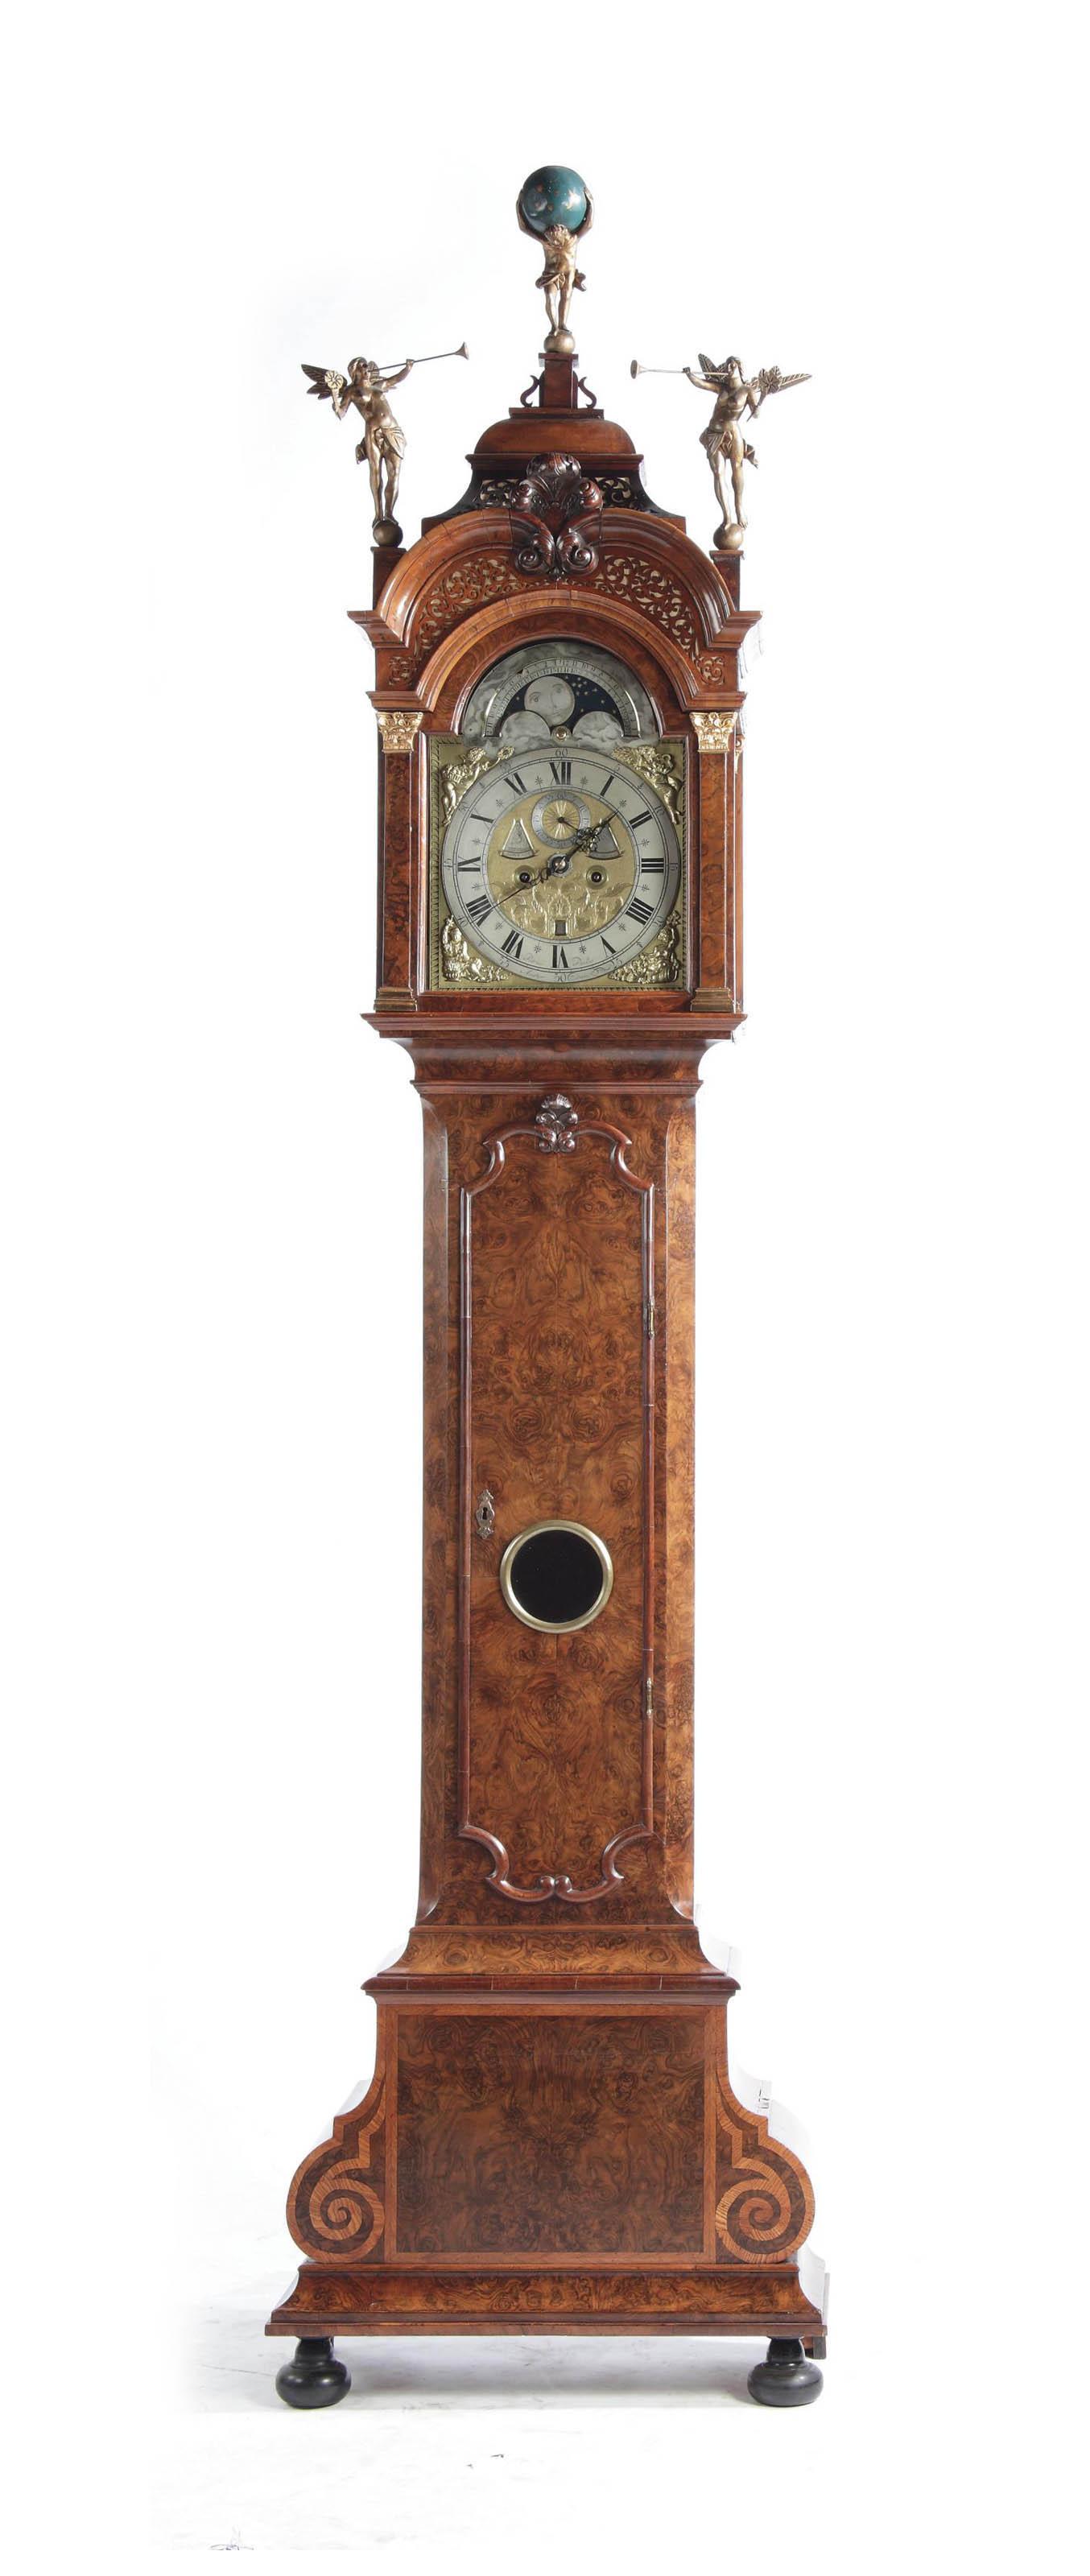 A DUTCH BURR-WALNUT AND FRUITWOOD INLAID LONGCASE CLOCK